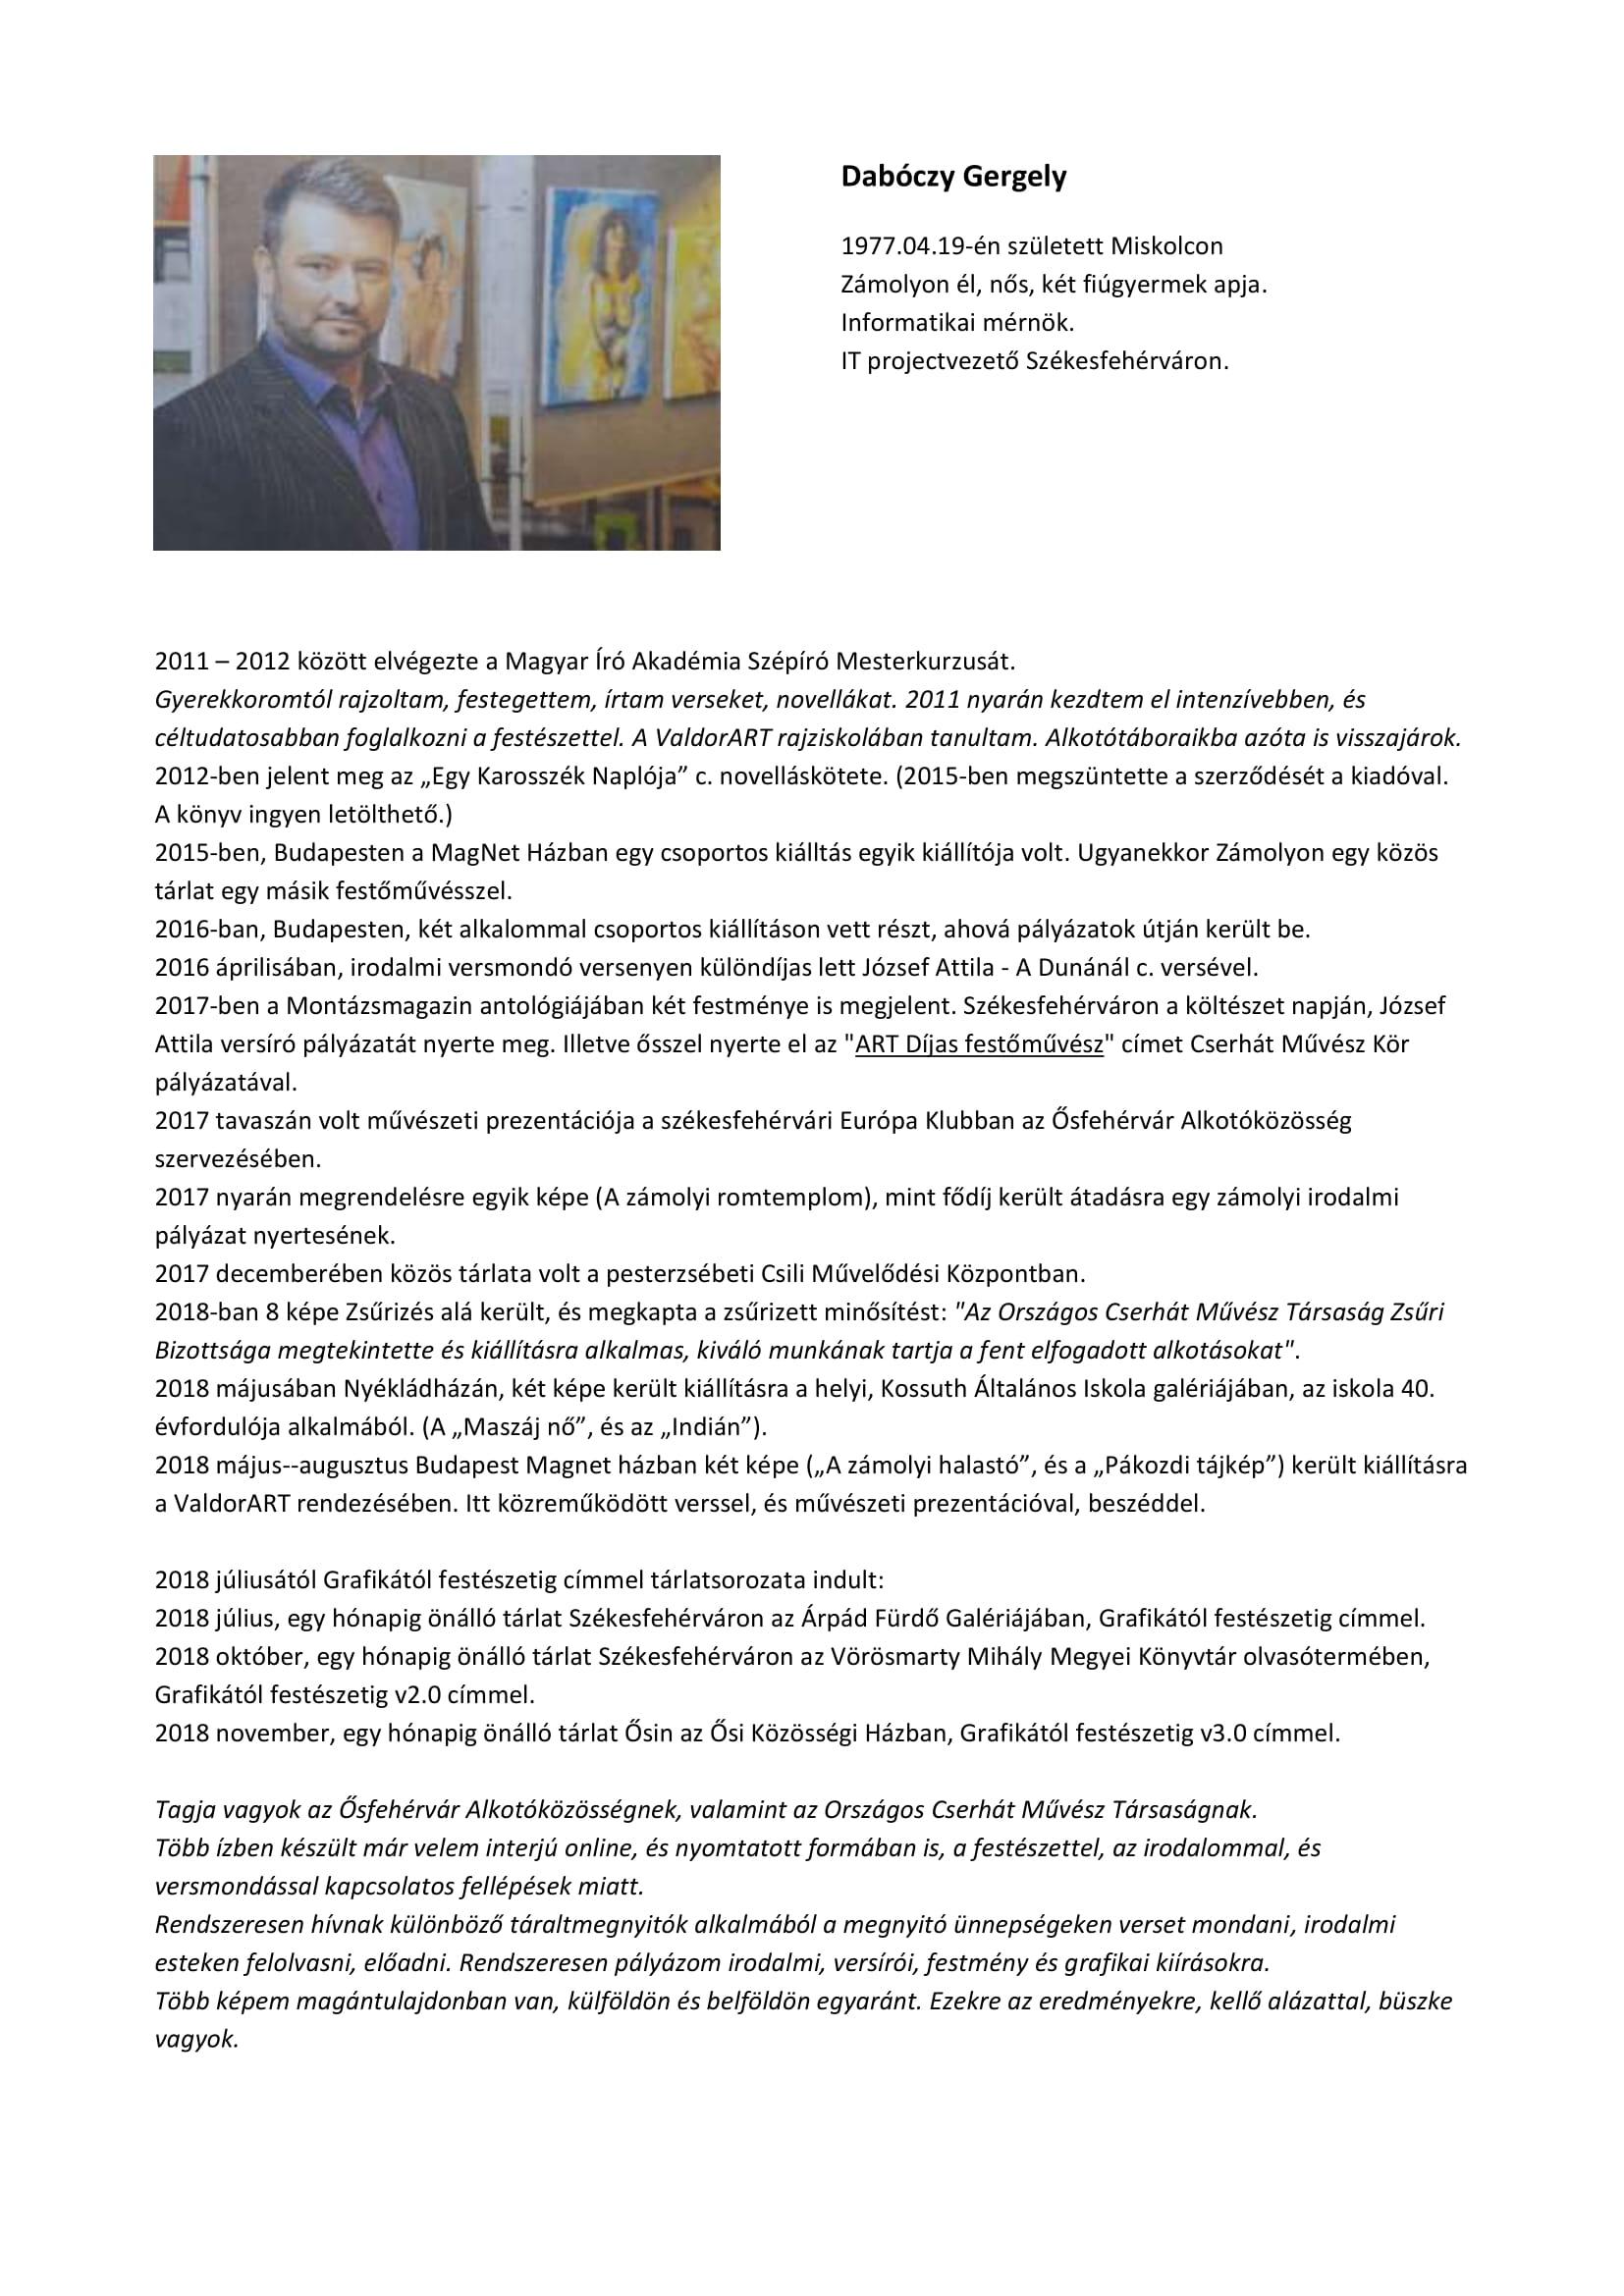 Dabóczy Gergely adatok, események 18.11.07